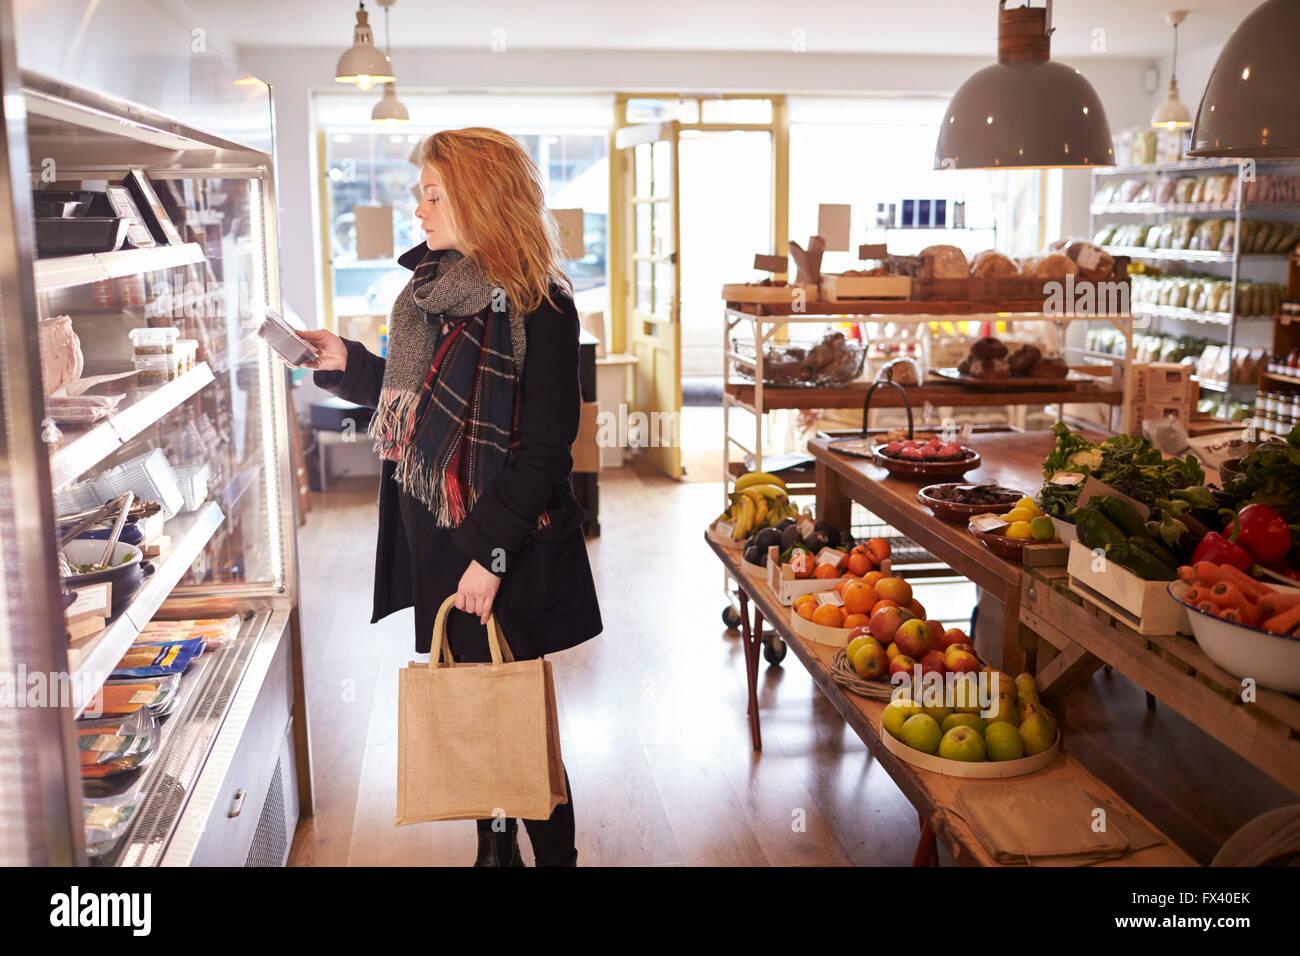 Donna che guarda In Vetrina refrigerata di Delicatessen Immagini Stock